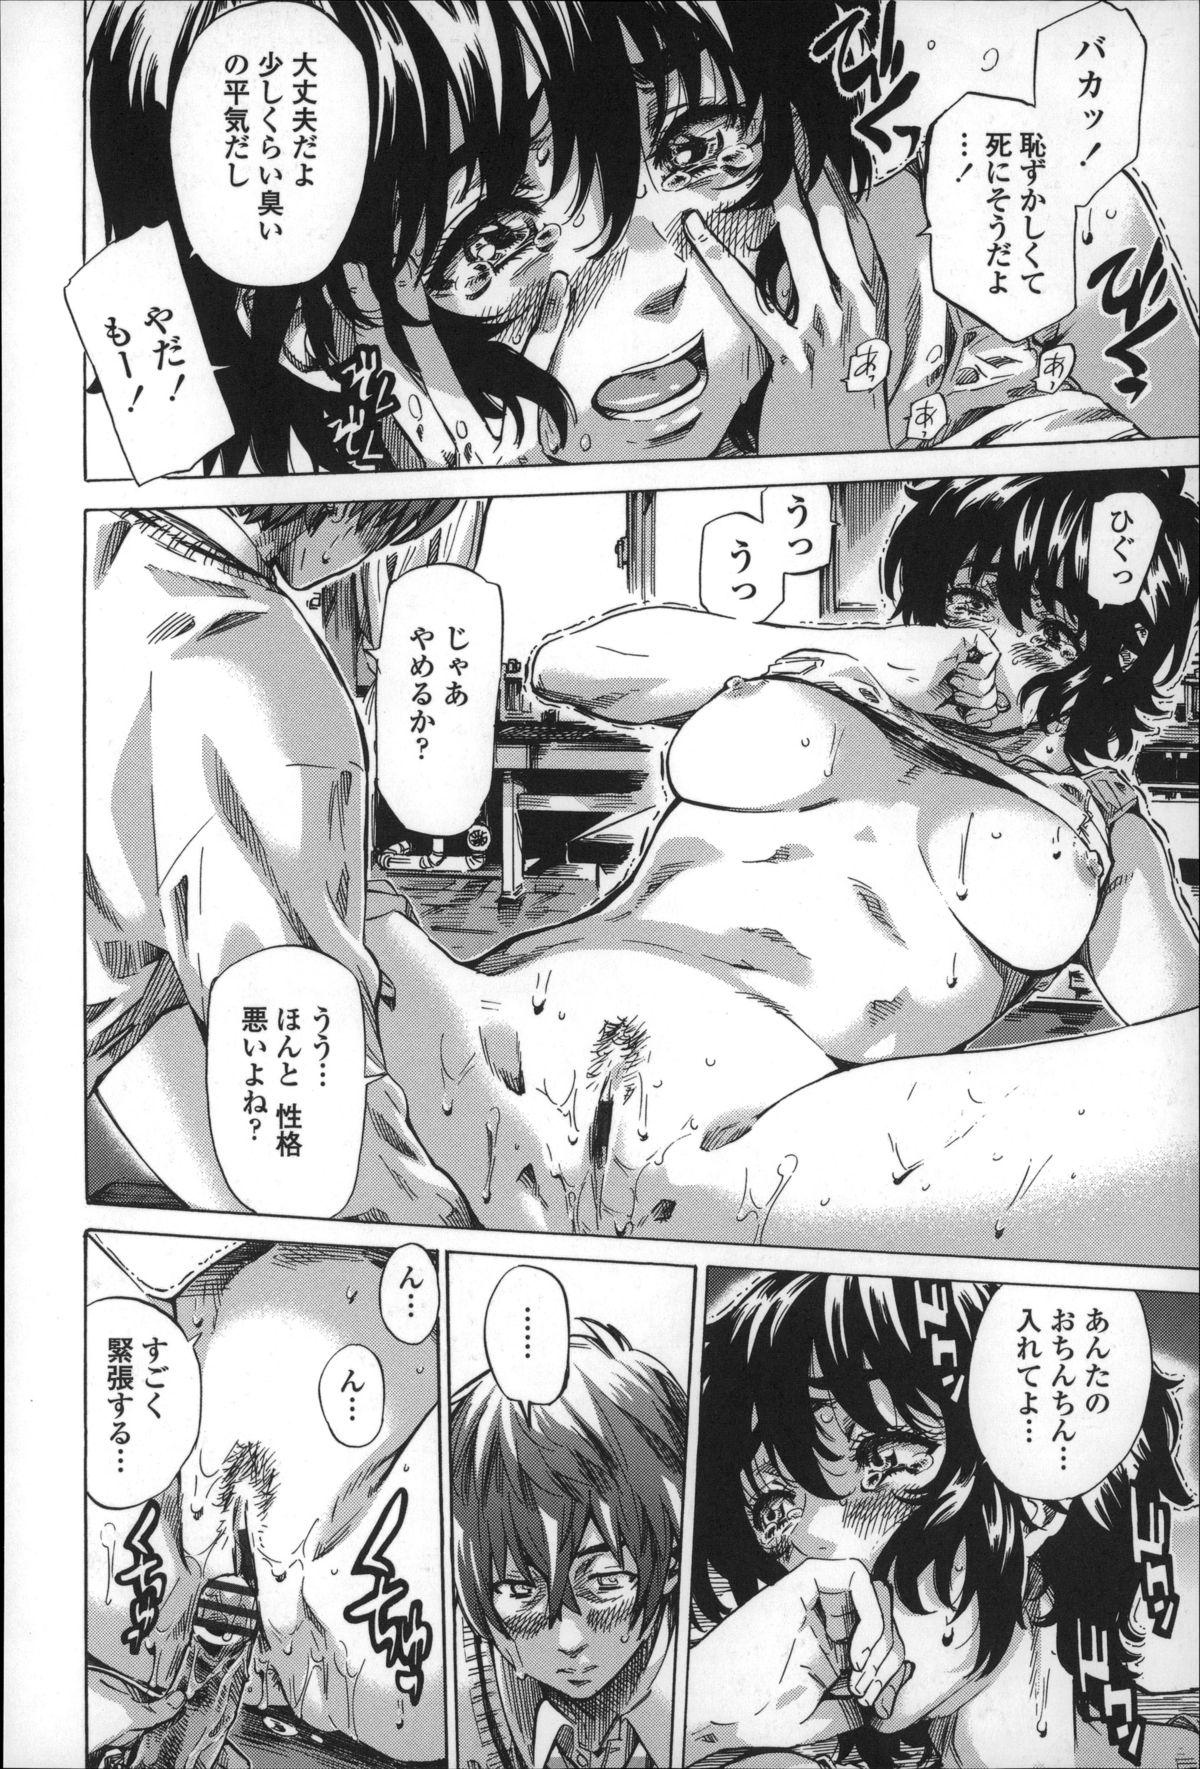 Choushin de Mukuchi no Kanojo ga Hatsujou Shite Kitara Eroiyo ne? 163